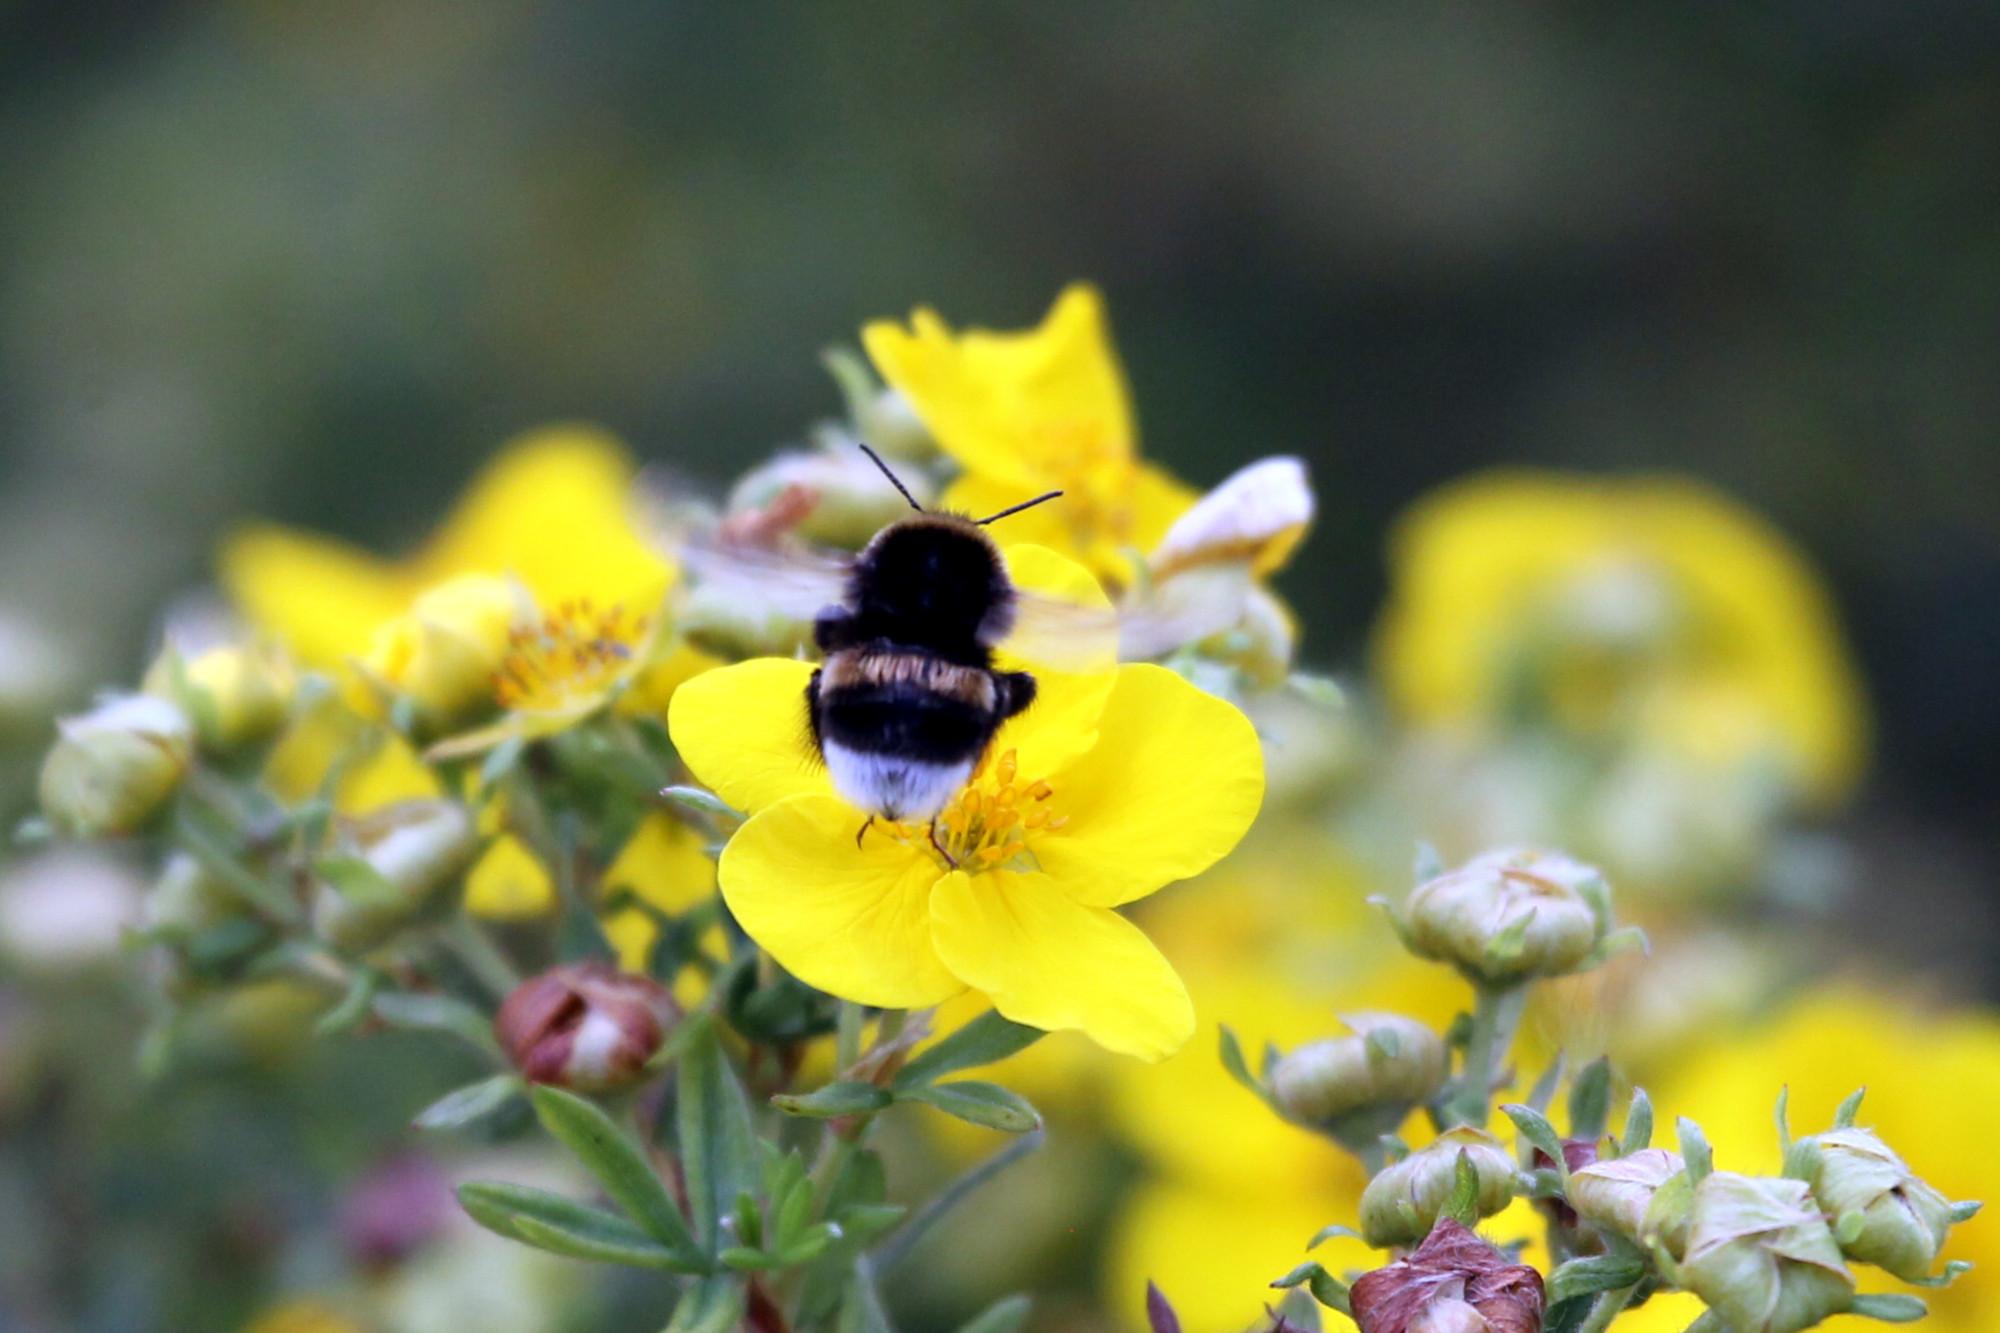 шмель, насекомое, природа, цветок